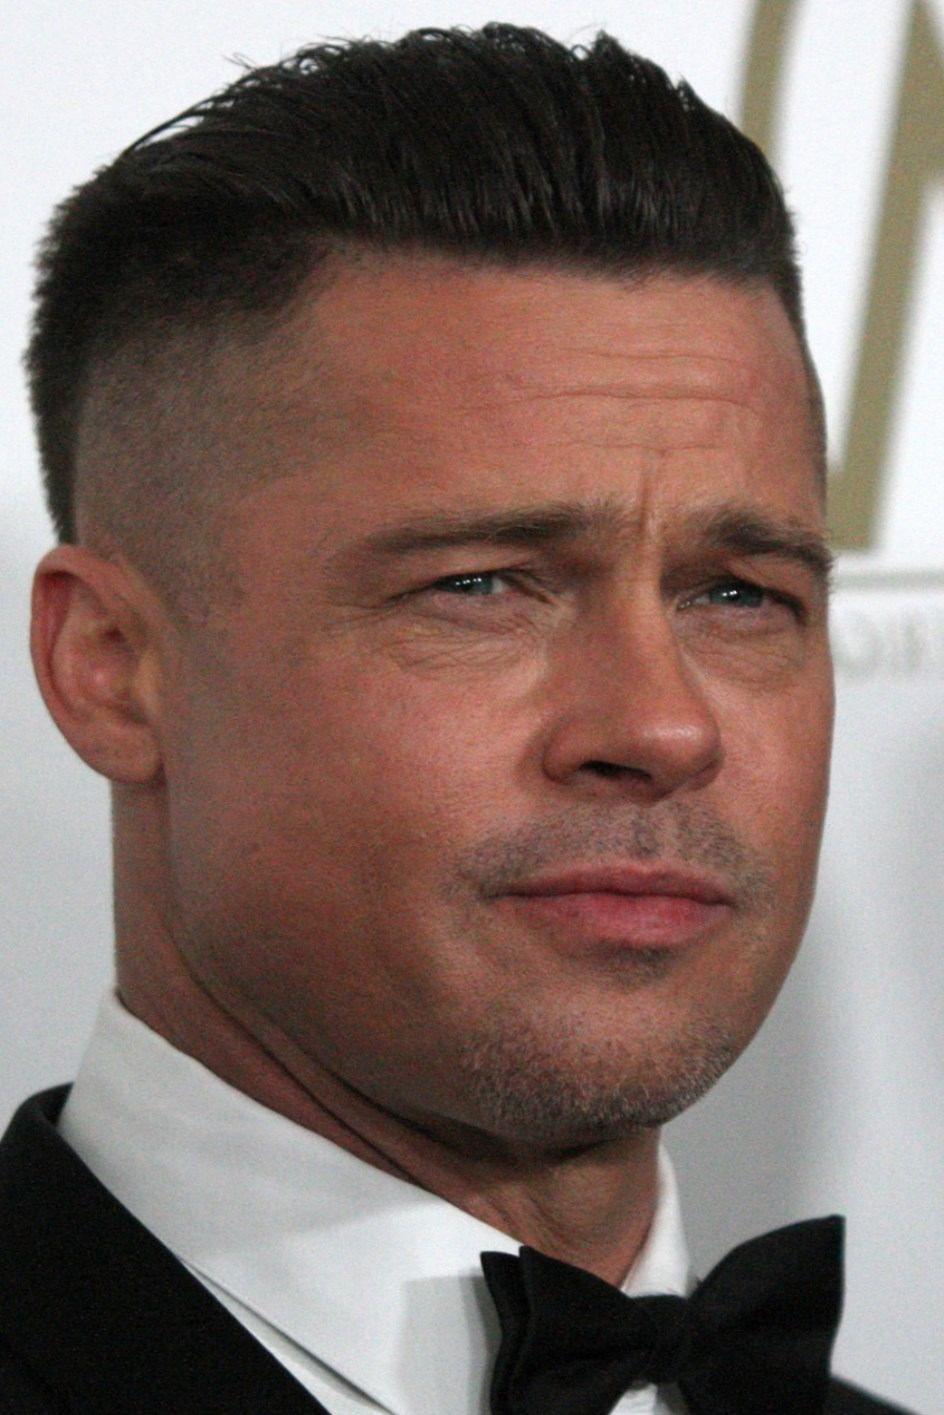 Brad Pitt Frisur Frisur Ideen Info 726 Html #frisur